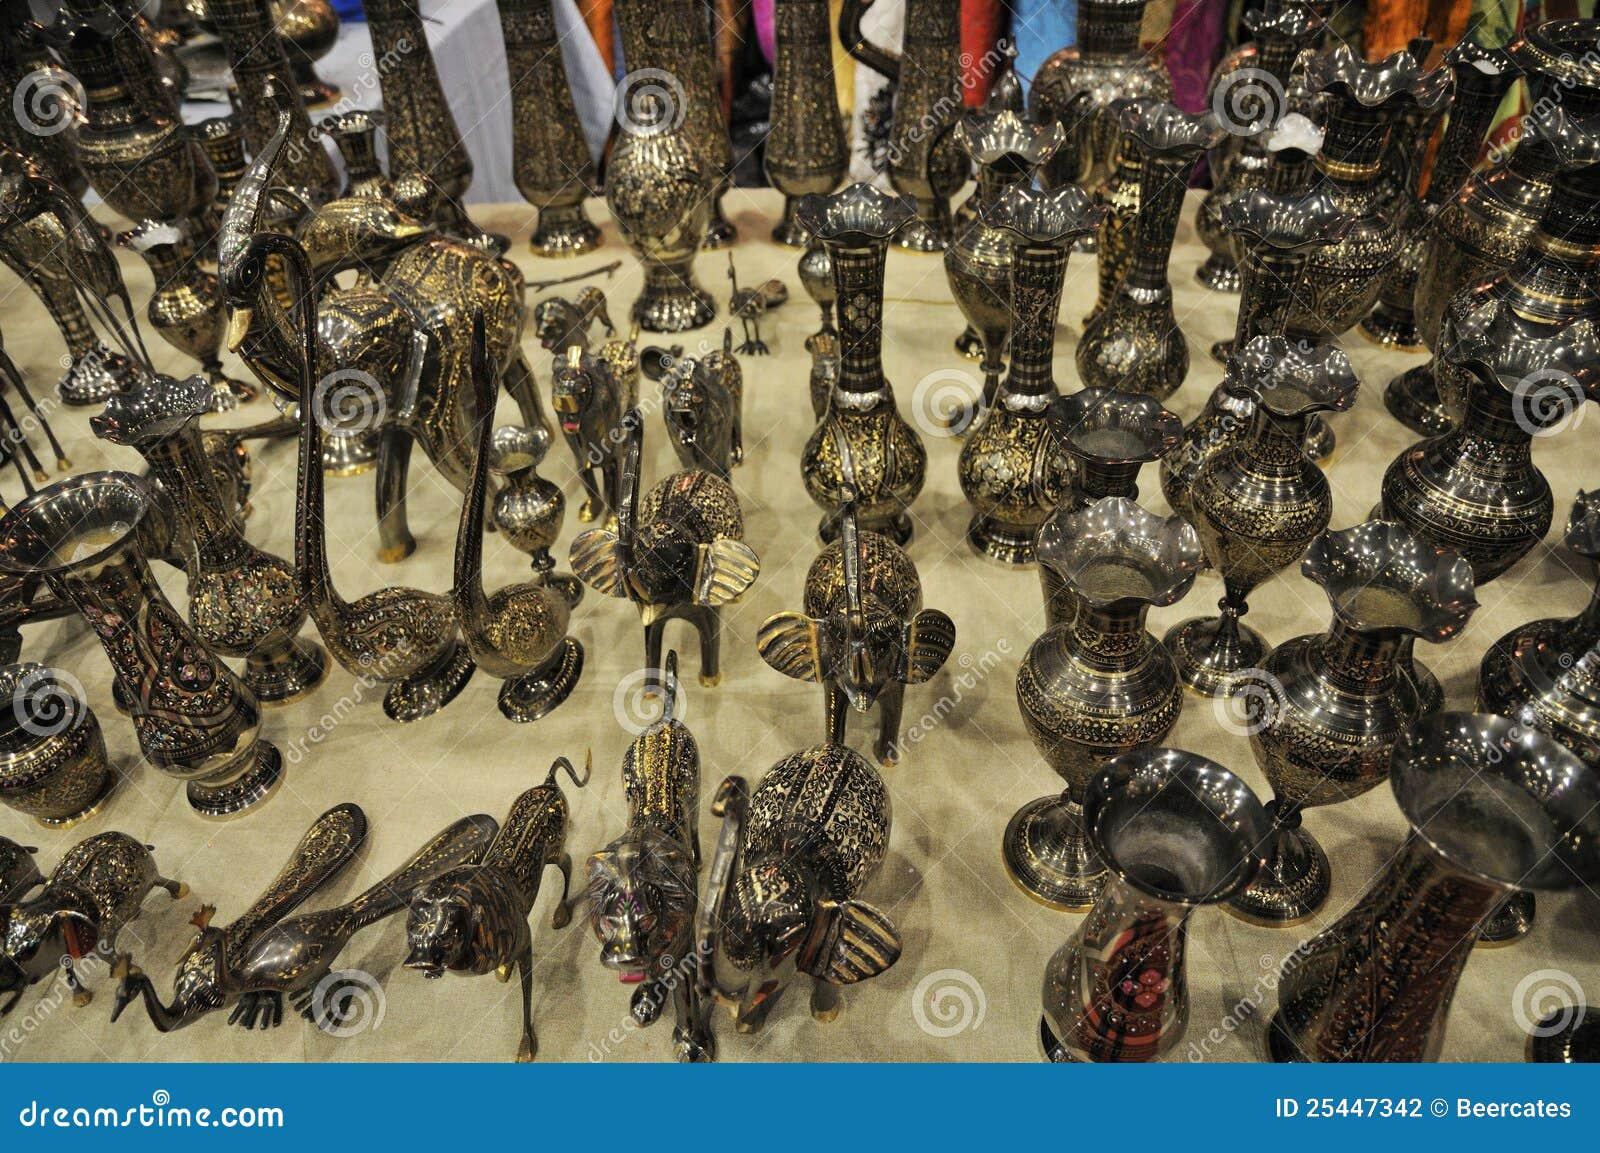 Nepalese Handicrafts Stock Photo Image Of Retail Handiwork 25447342